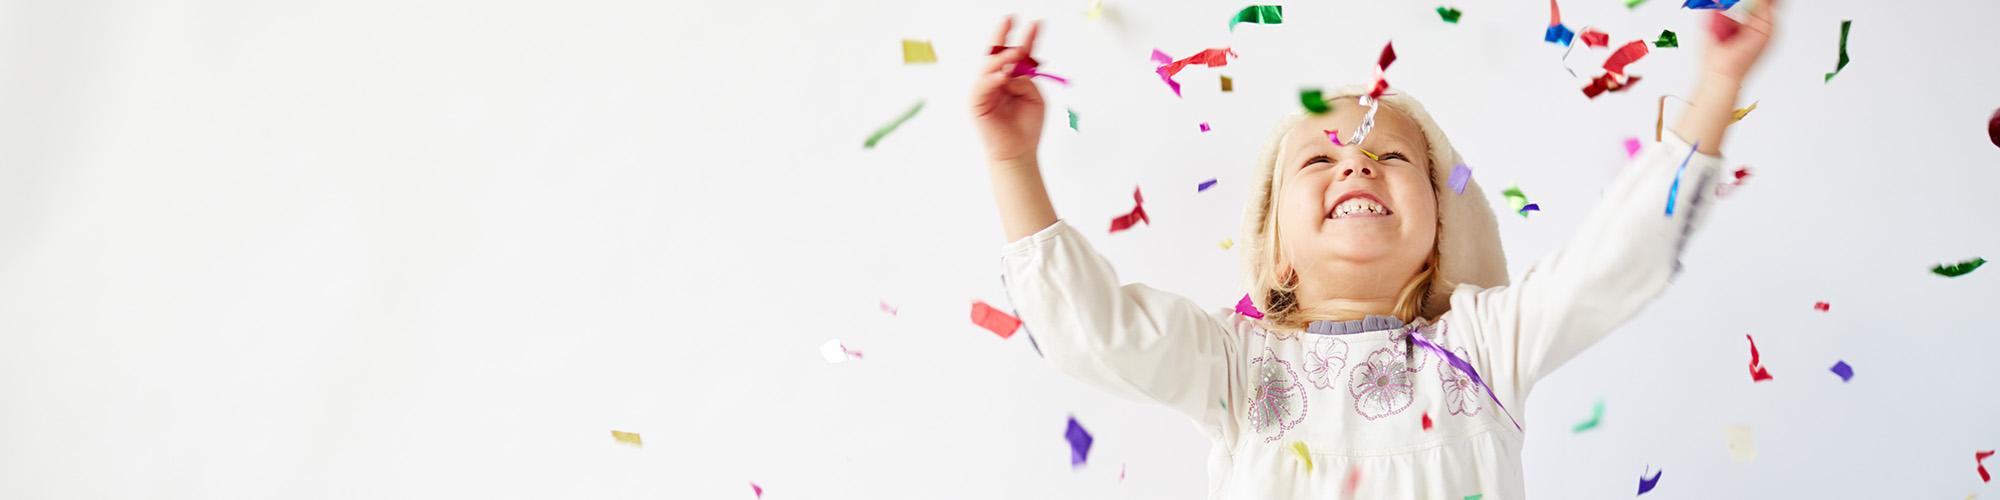 Vrolijk, juichend meisje dat confetti in de lucht gooit